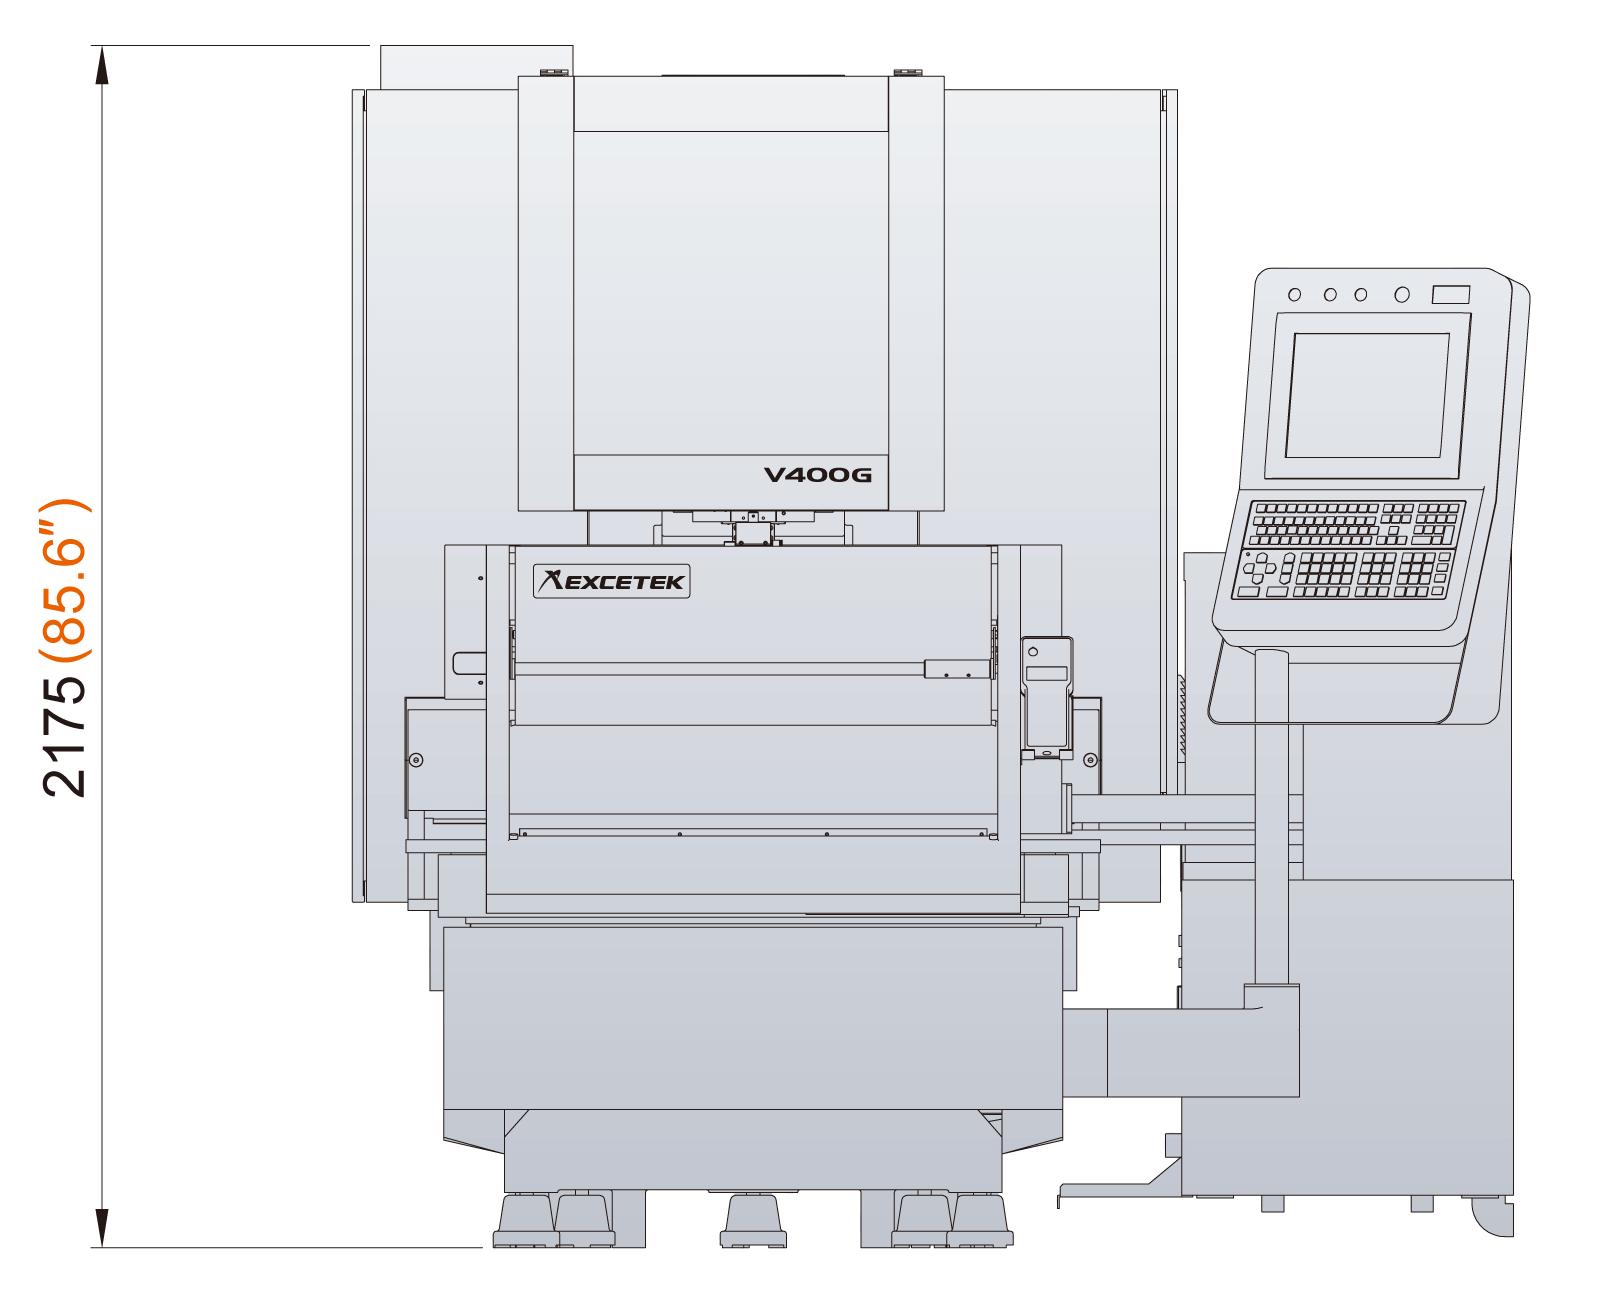 Excetek V400G dimensions